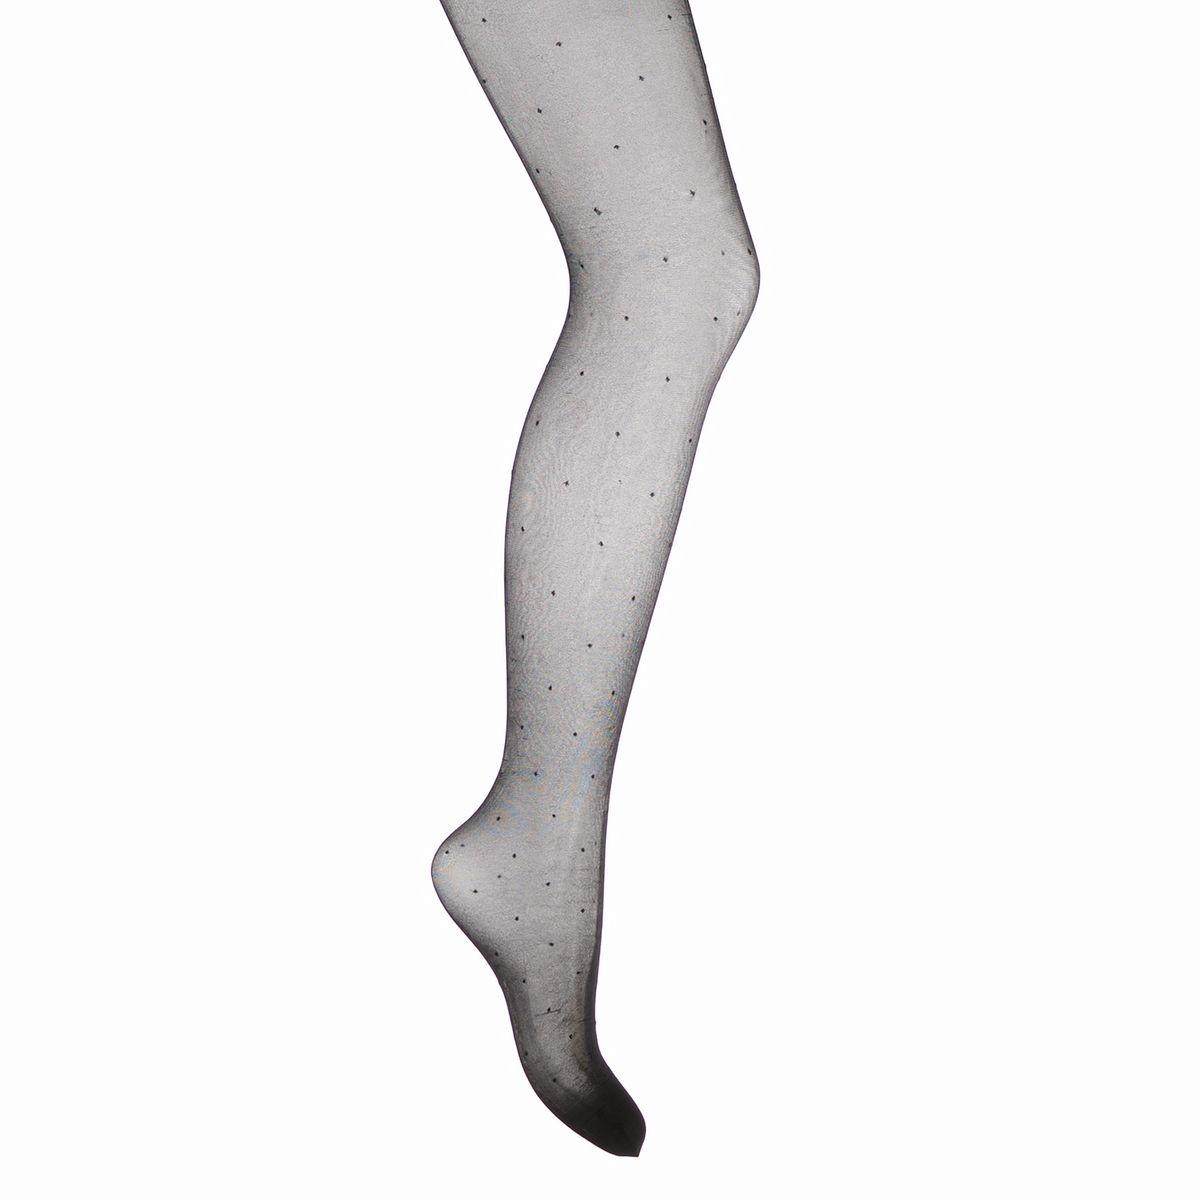 Collant voile indestructible coloris noir t2 - Find it at Shopwiki 3d5c1ebf1fa